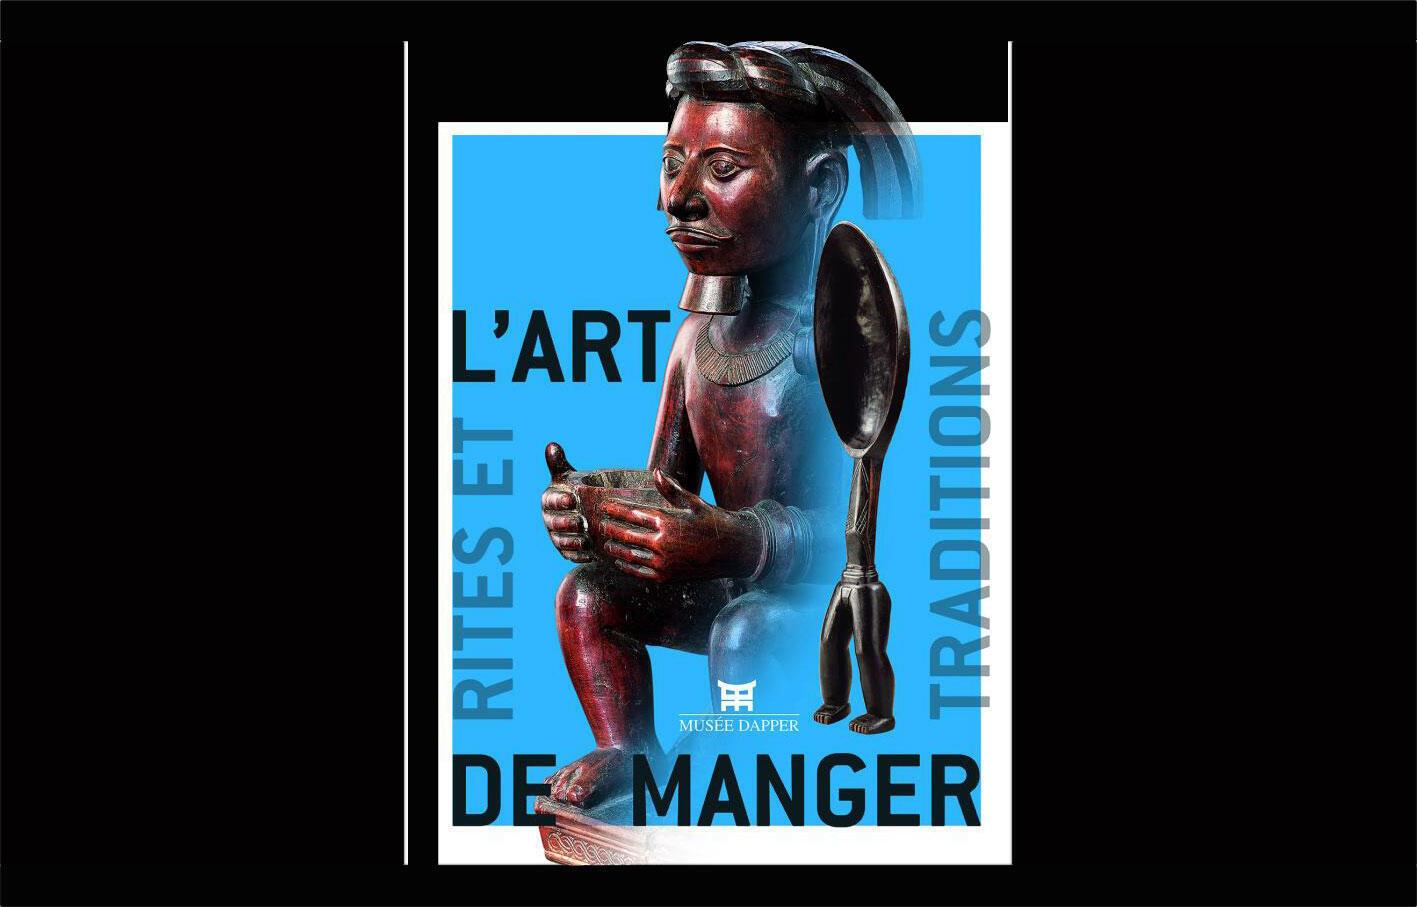 L'affiche de l'Exposition « L'Art de manger » Rites et traditions, au Musée Dapper à Paris (15 octobre 2014 au 12 juillet 2015).